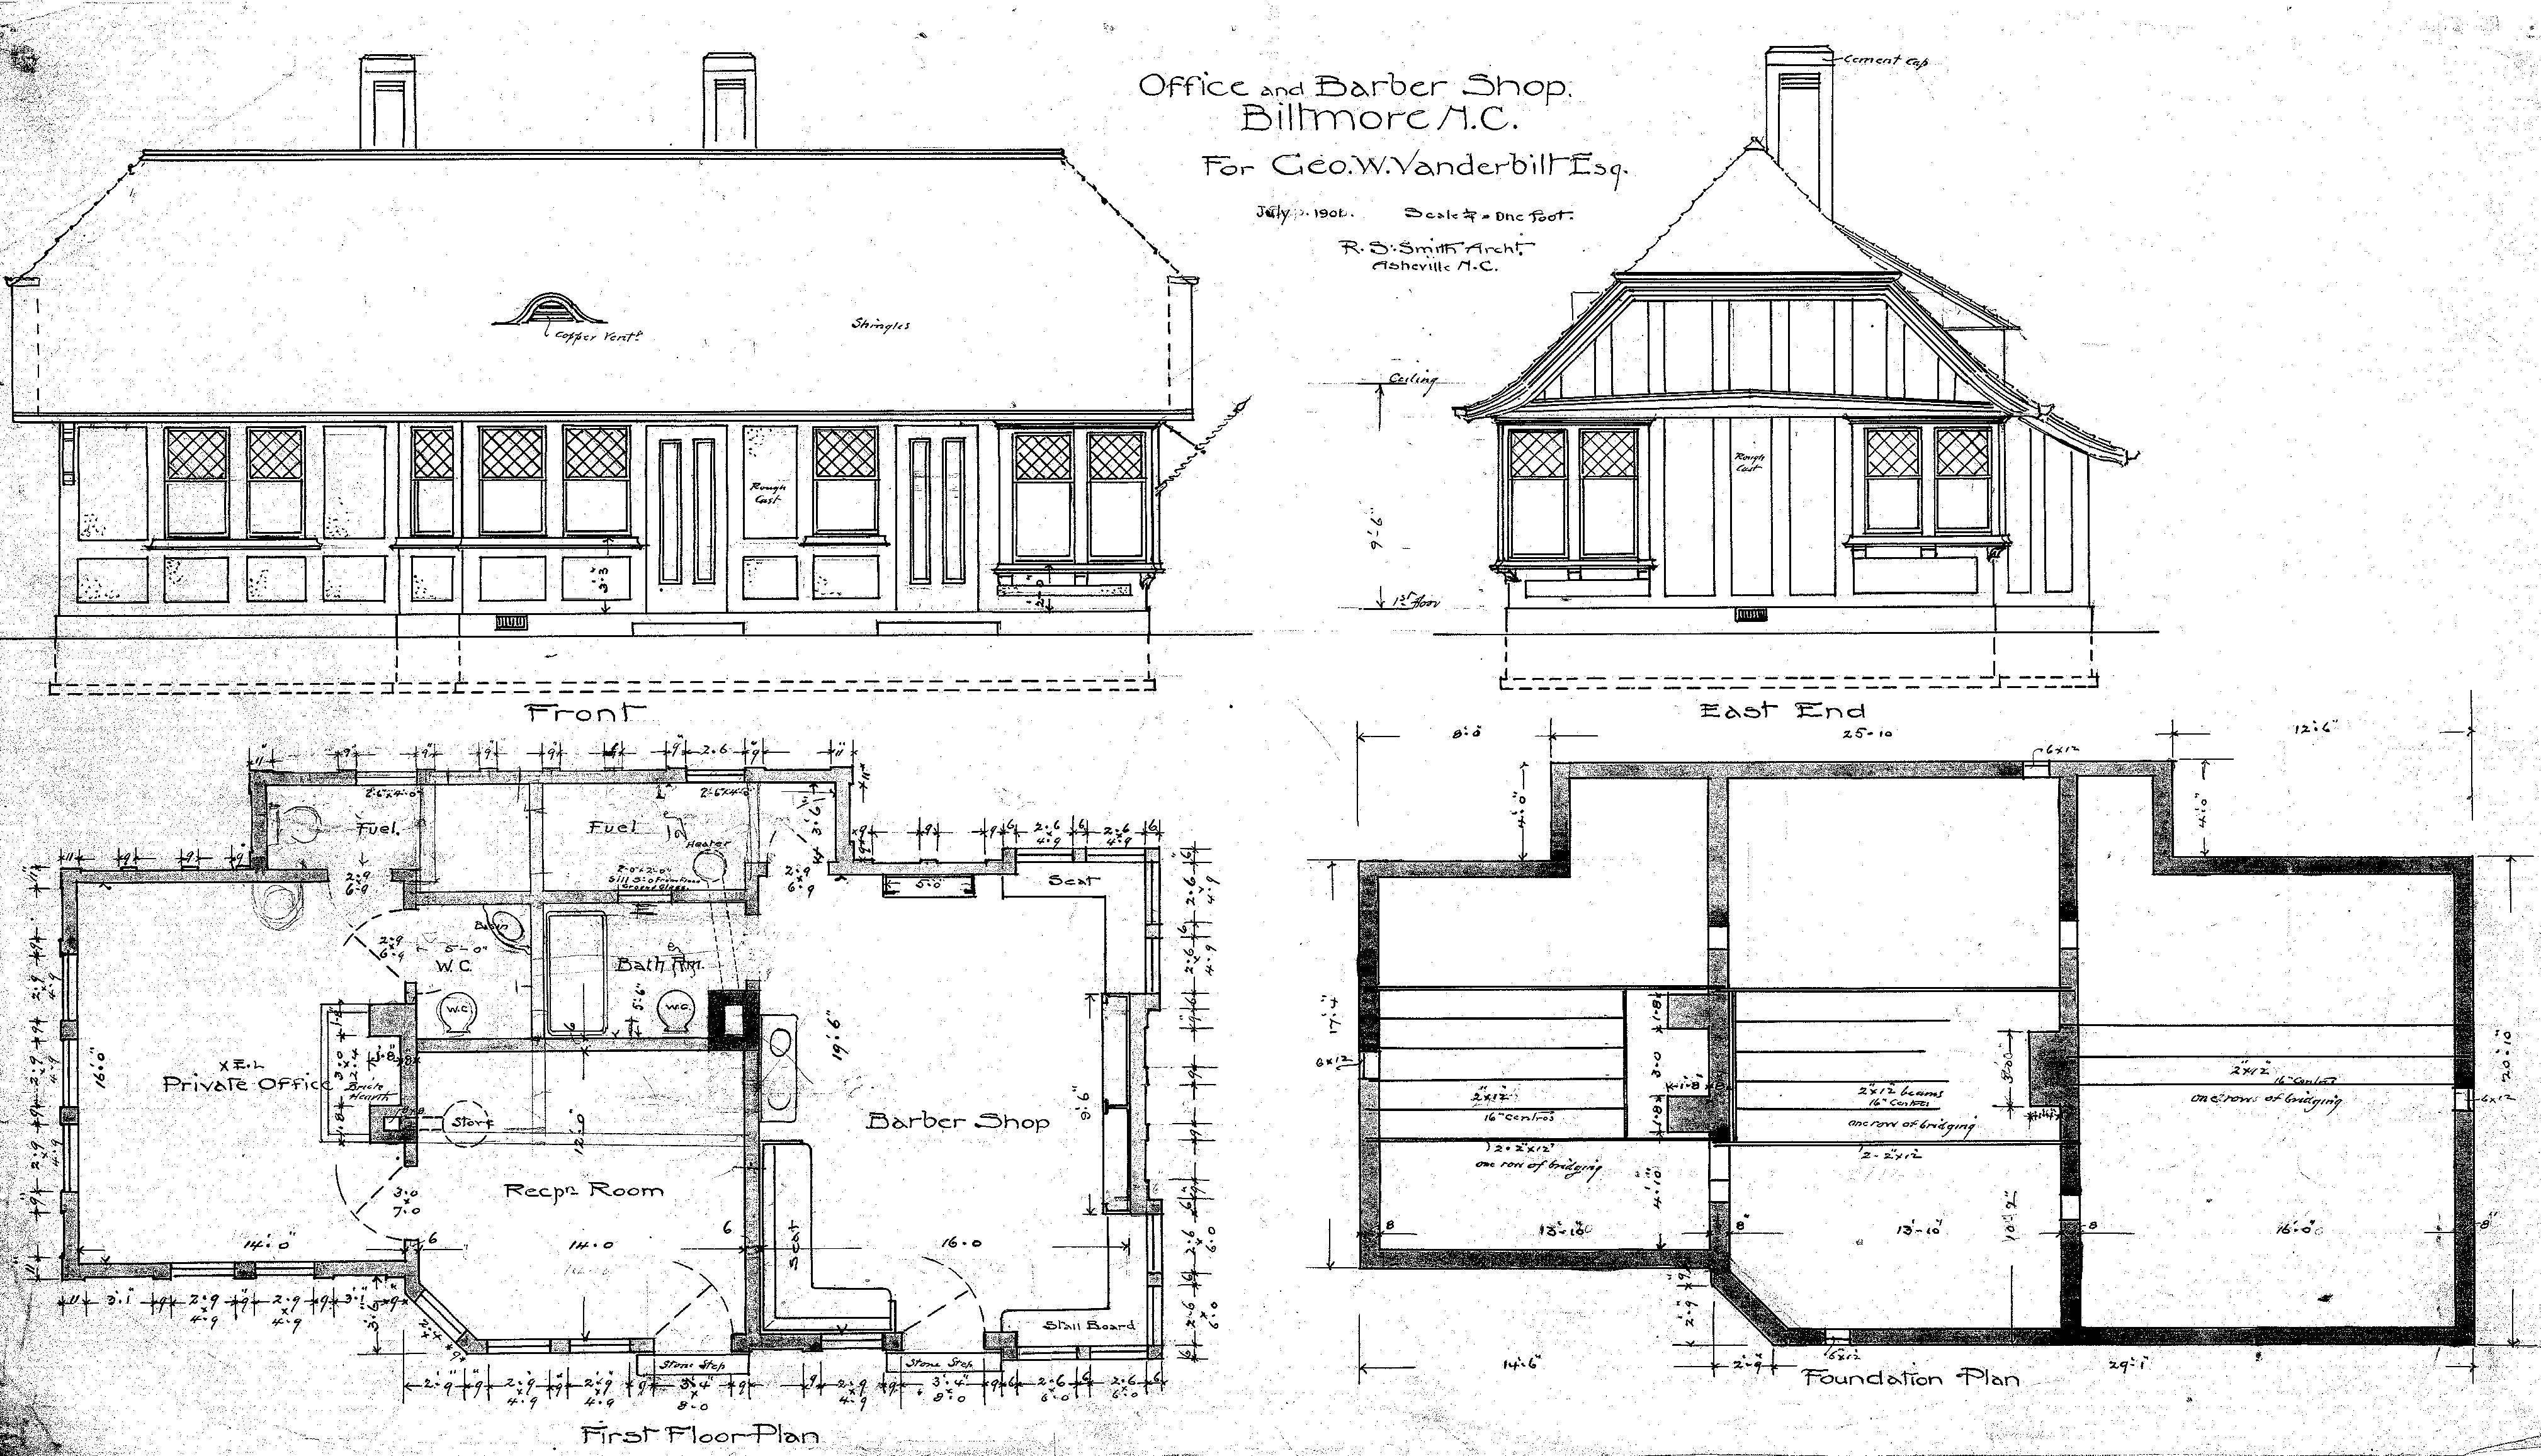 Office barber shop elevations floor plans biltmore village for Simple village home designs